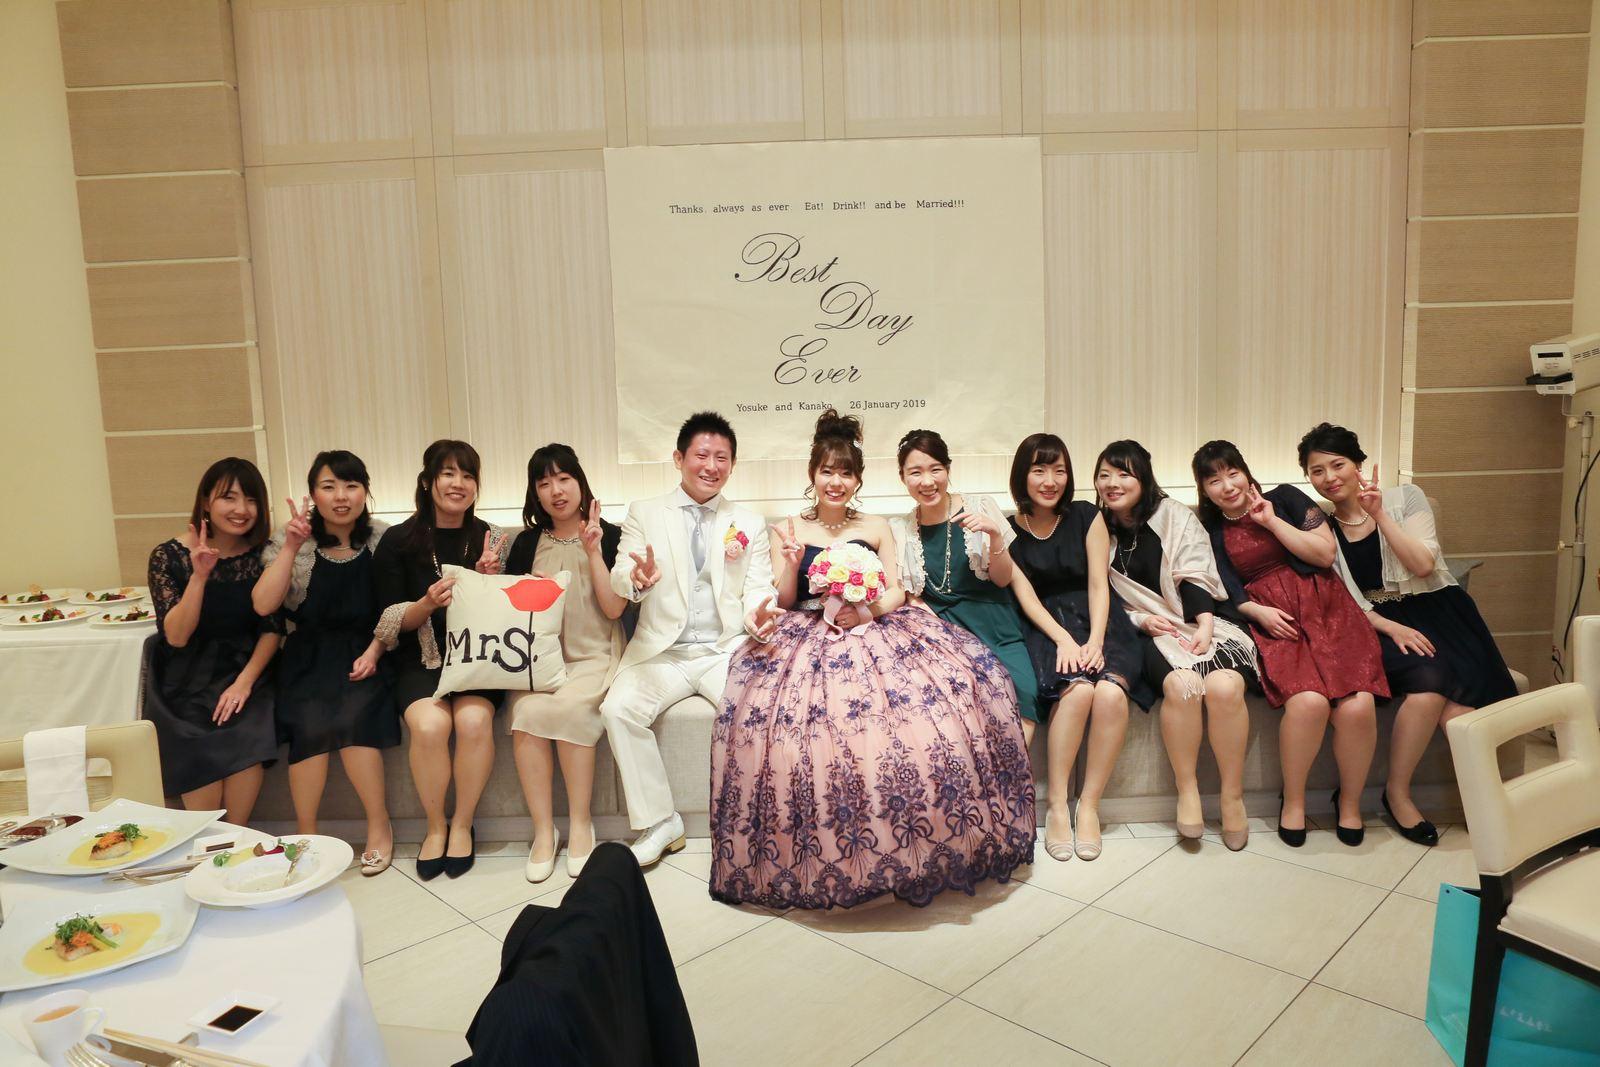 高松市の結婚式場アイルバレクラブの披露宴会場のソファーで新婦友人たちと記念撮影